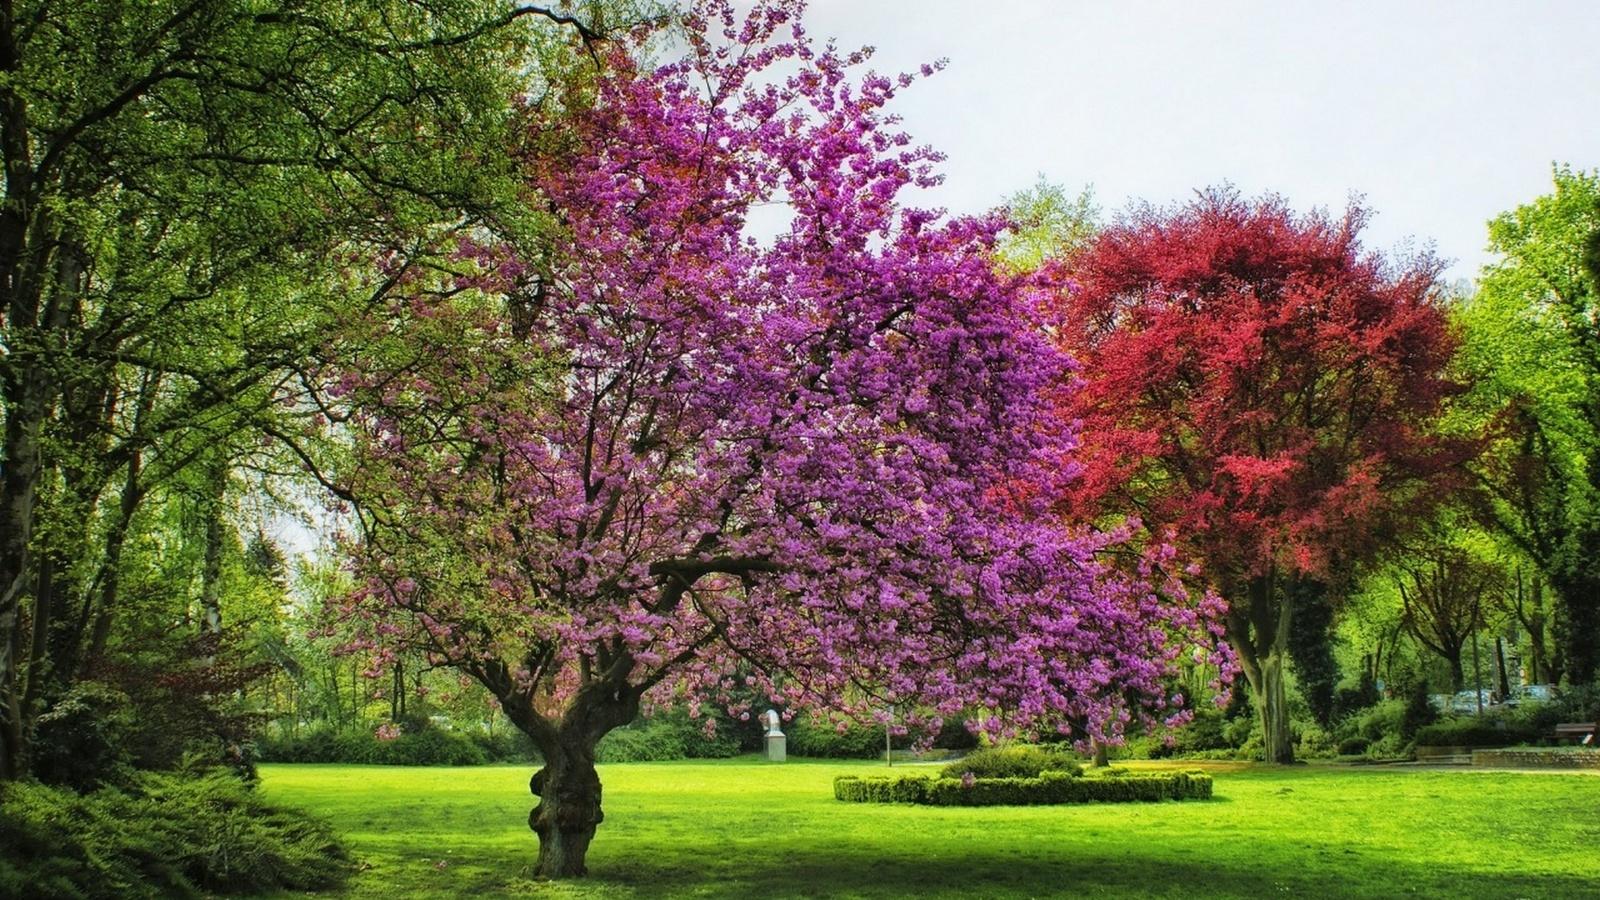 германия, парк, ahlen, деревья, трава, природа, пейзаж